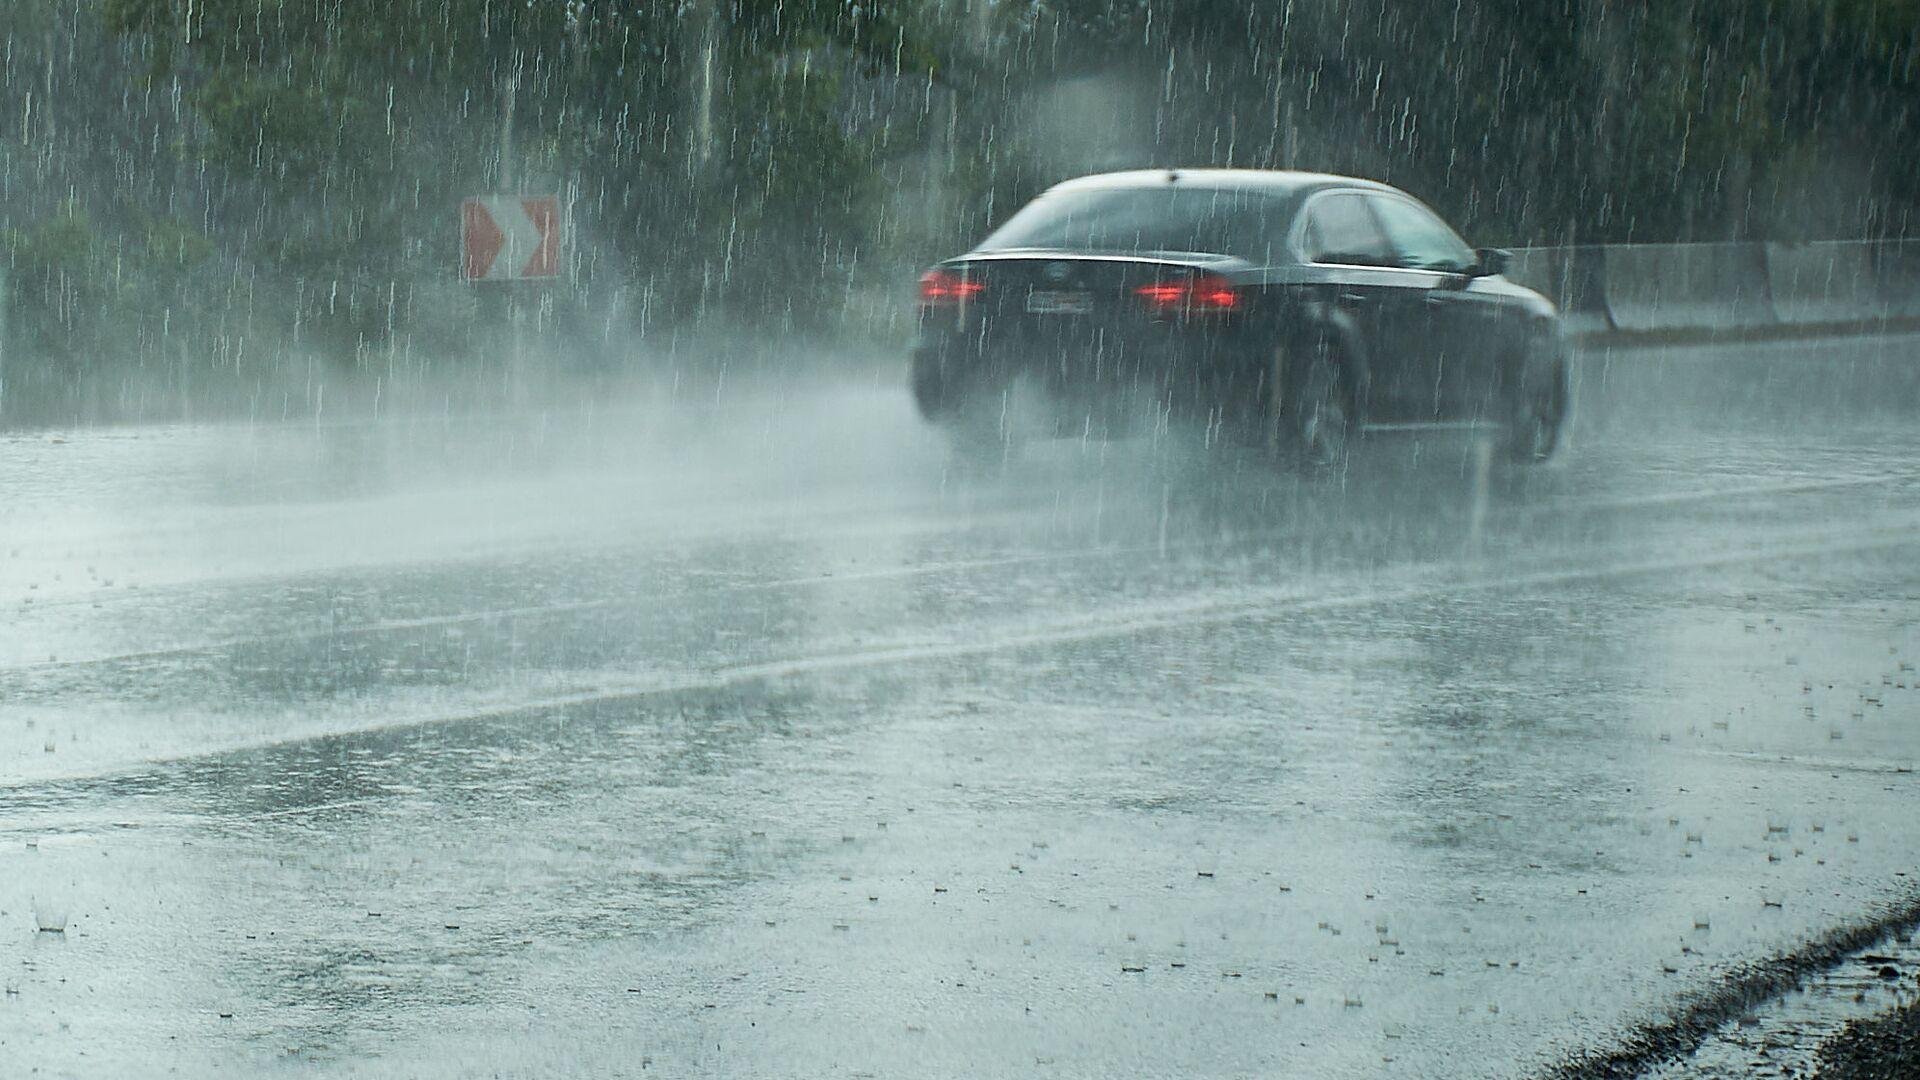 Машина едет по трассе в сильный дождь - Sputnik Грузия, 1920, 08.09.2021